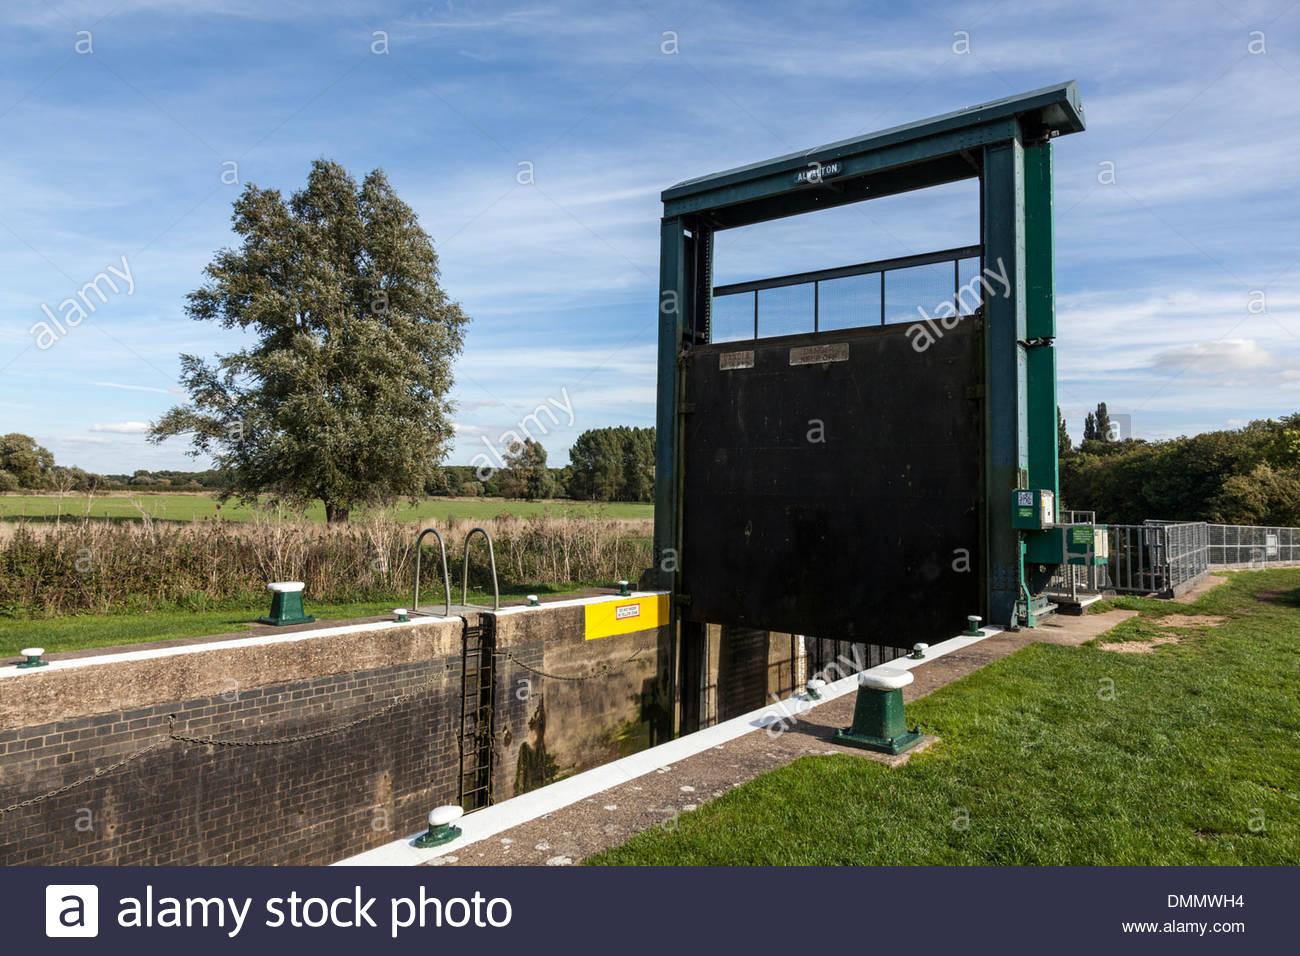 Lock Gates at Alwalton, Cambridgeshire, UK - Stock Image